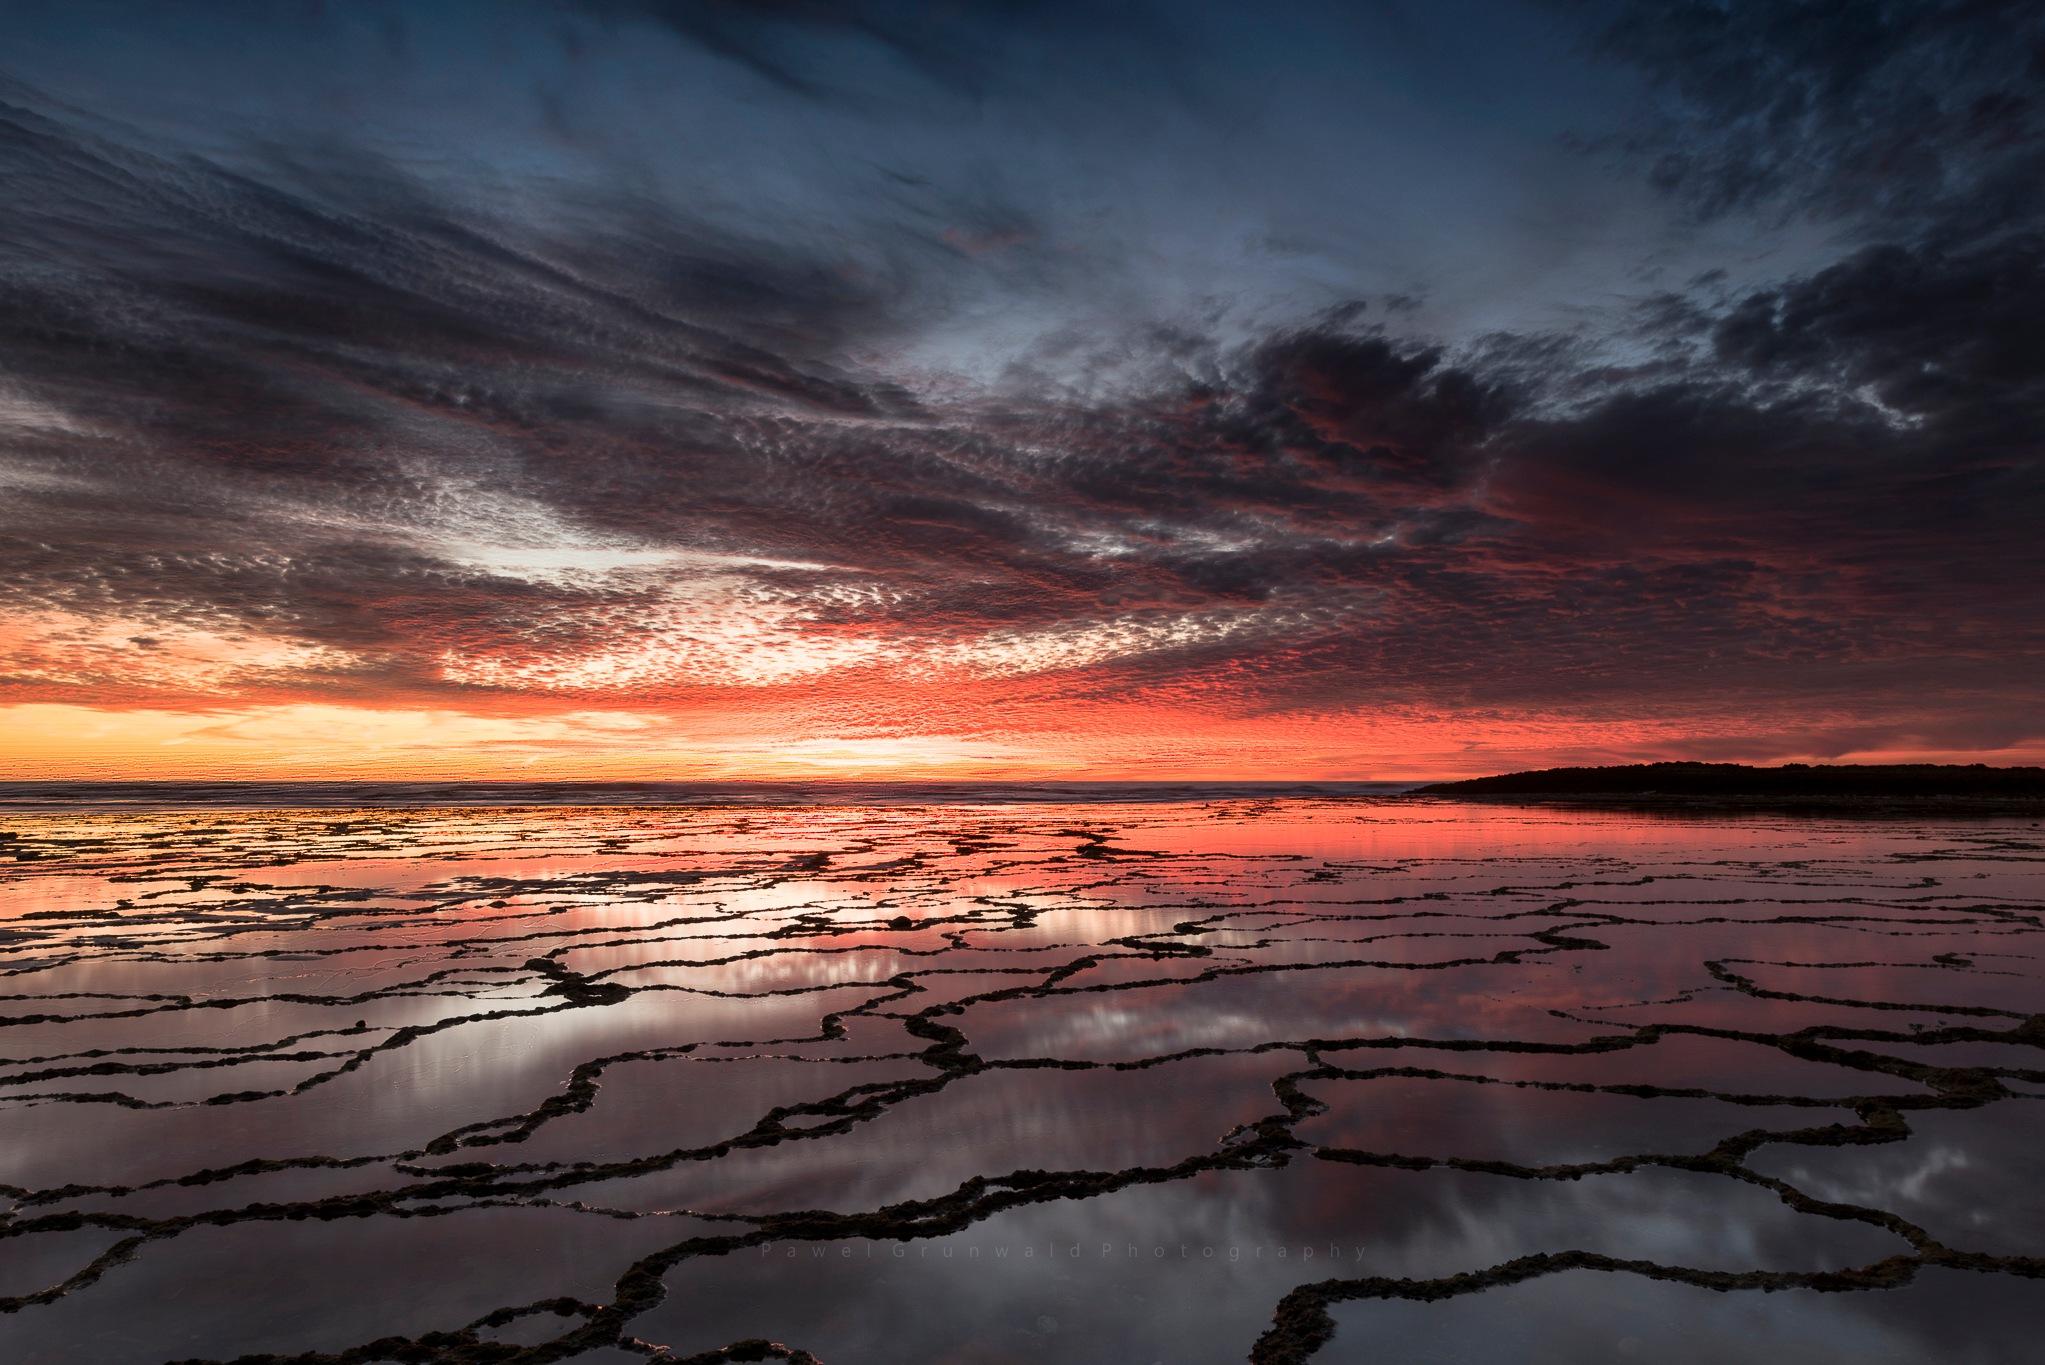 Low tide by PawelGrunwald